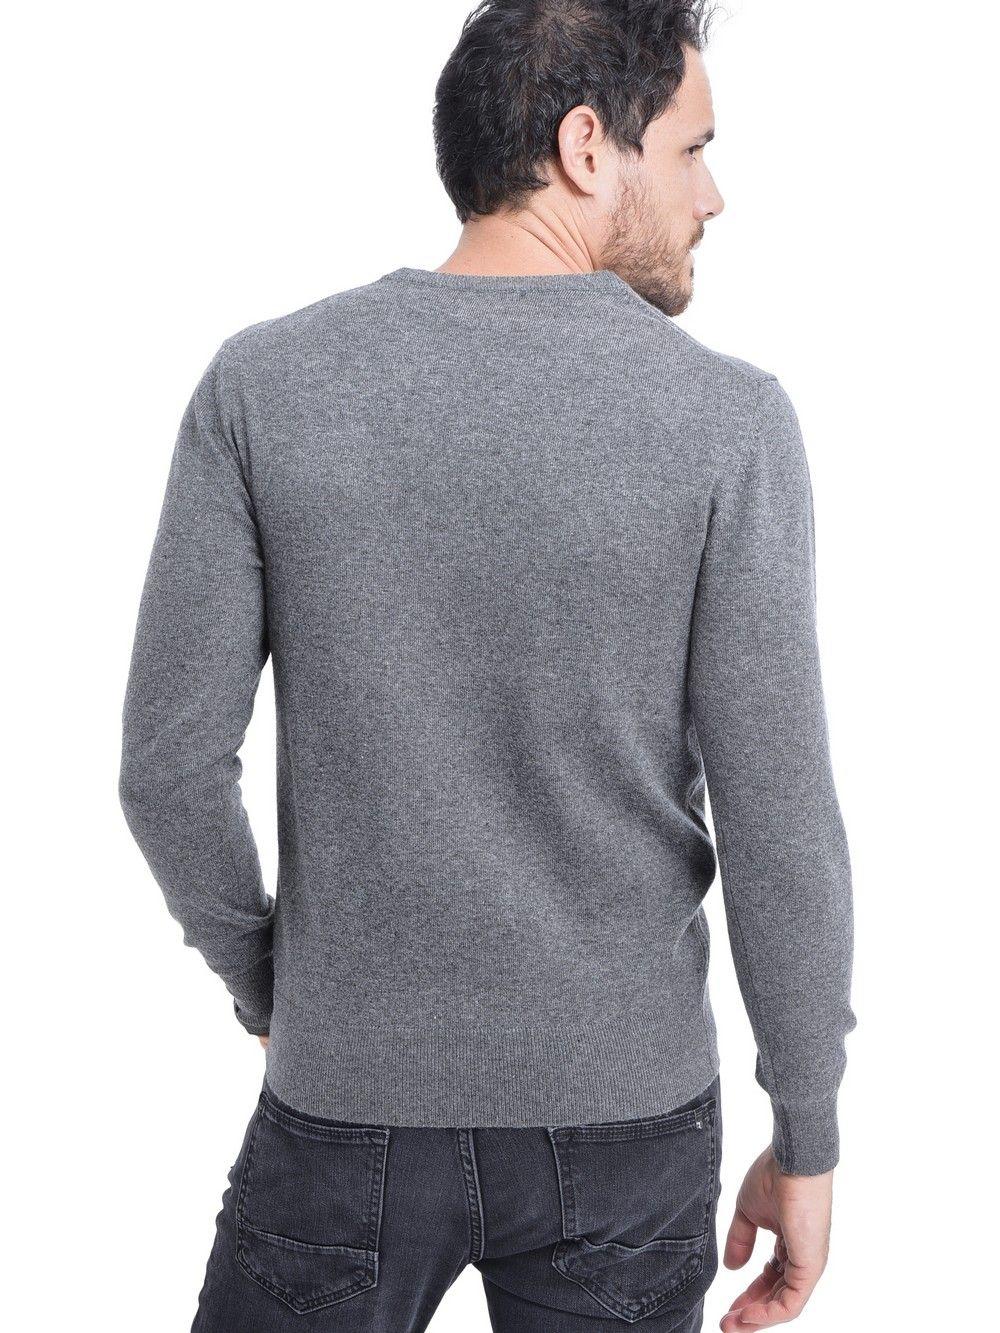 C&JO V-neck Sweater in Grey